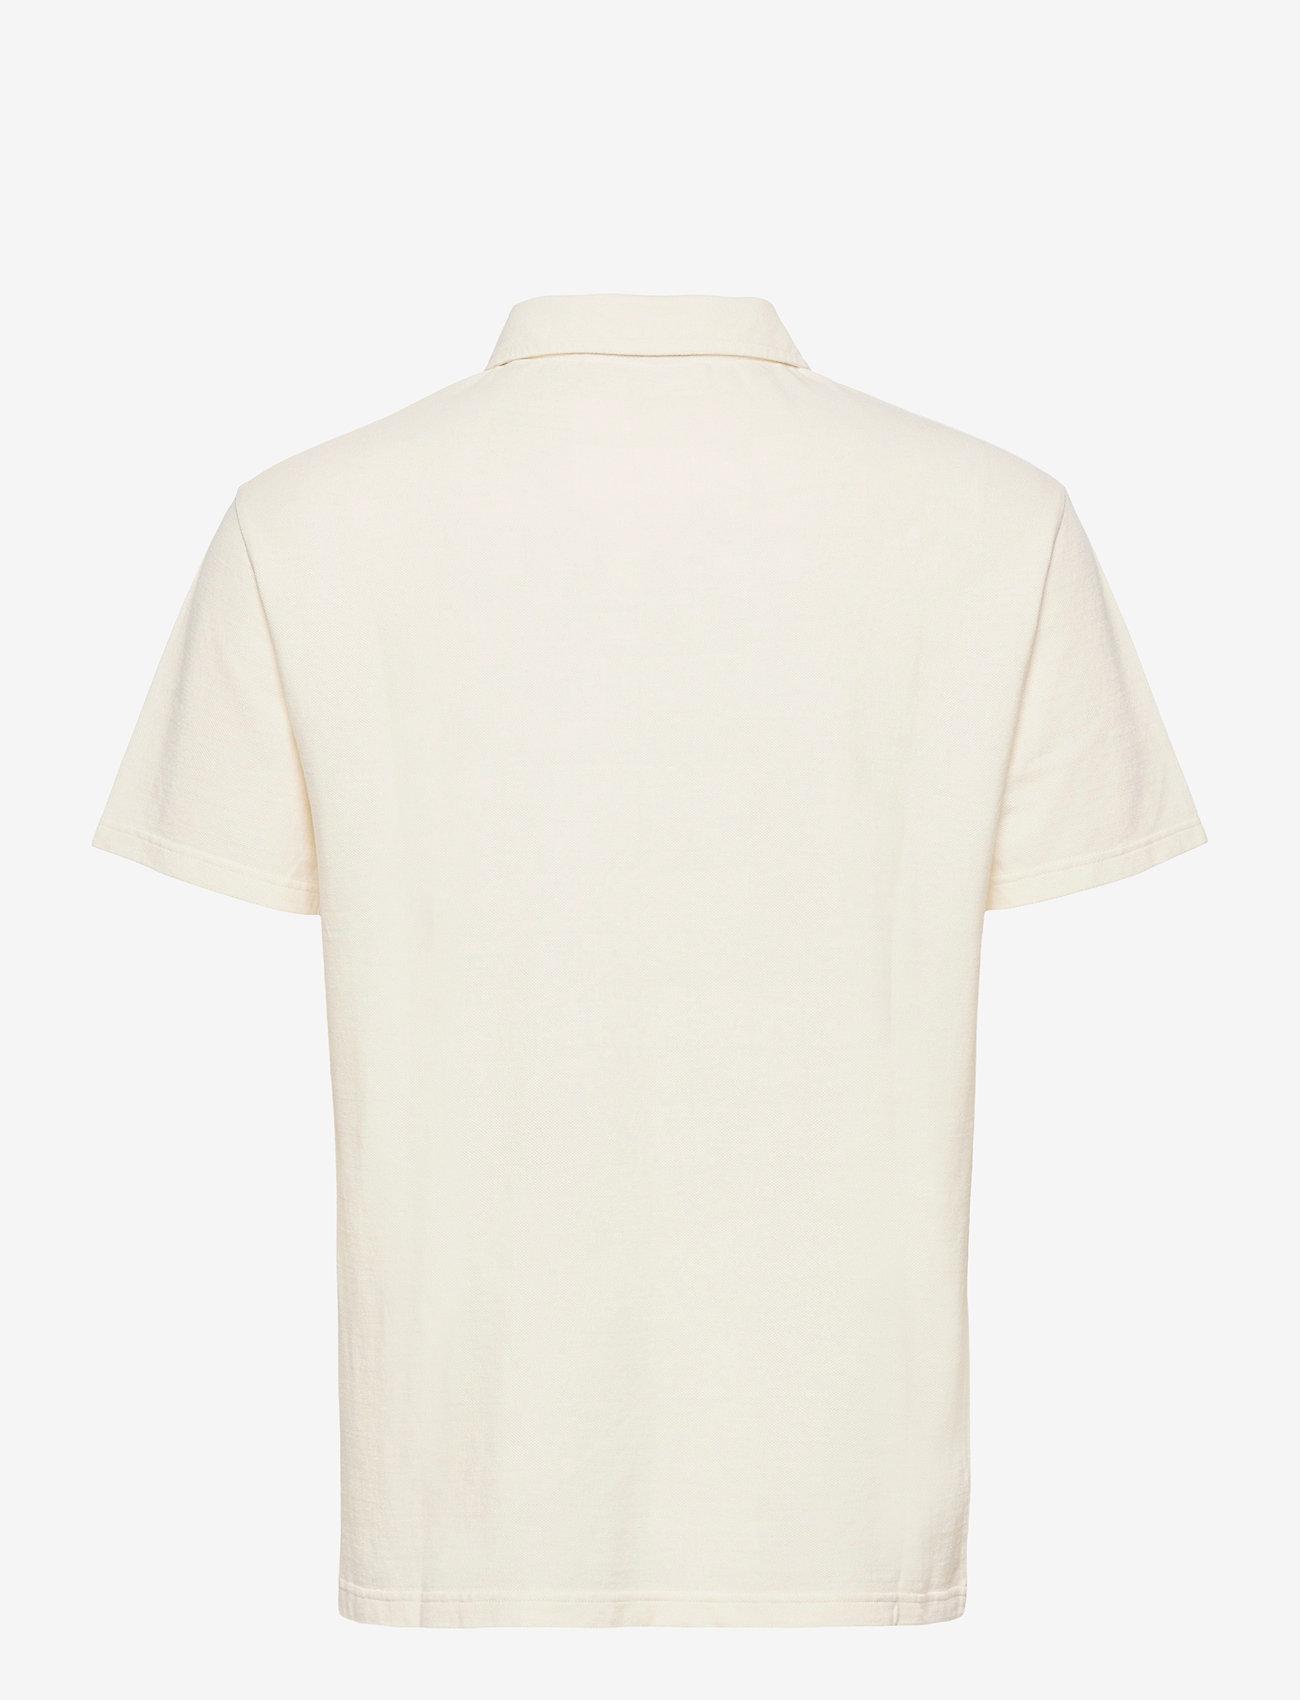 HAN Kjøbenhavn - Polo Tee SS - korte mouwen - off white - 1